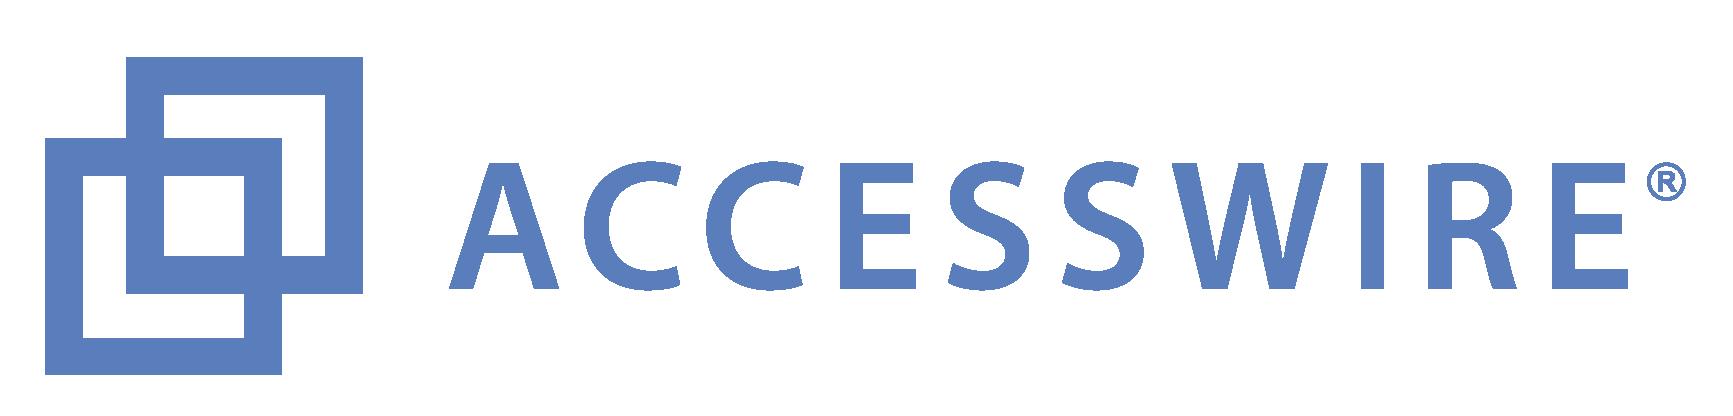 2017 Press Release